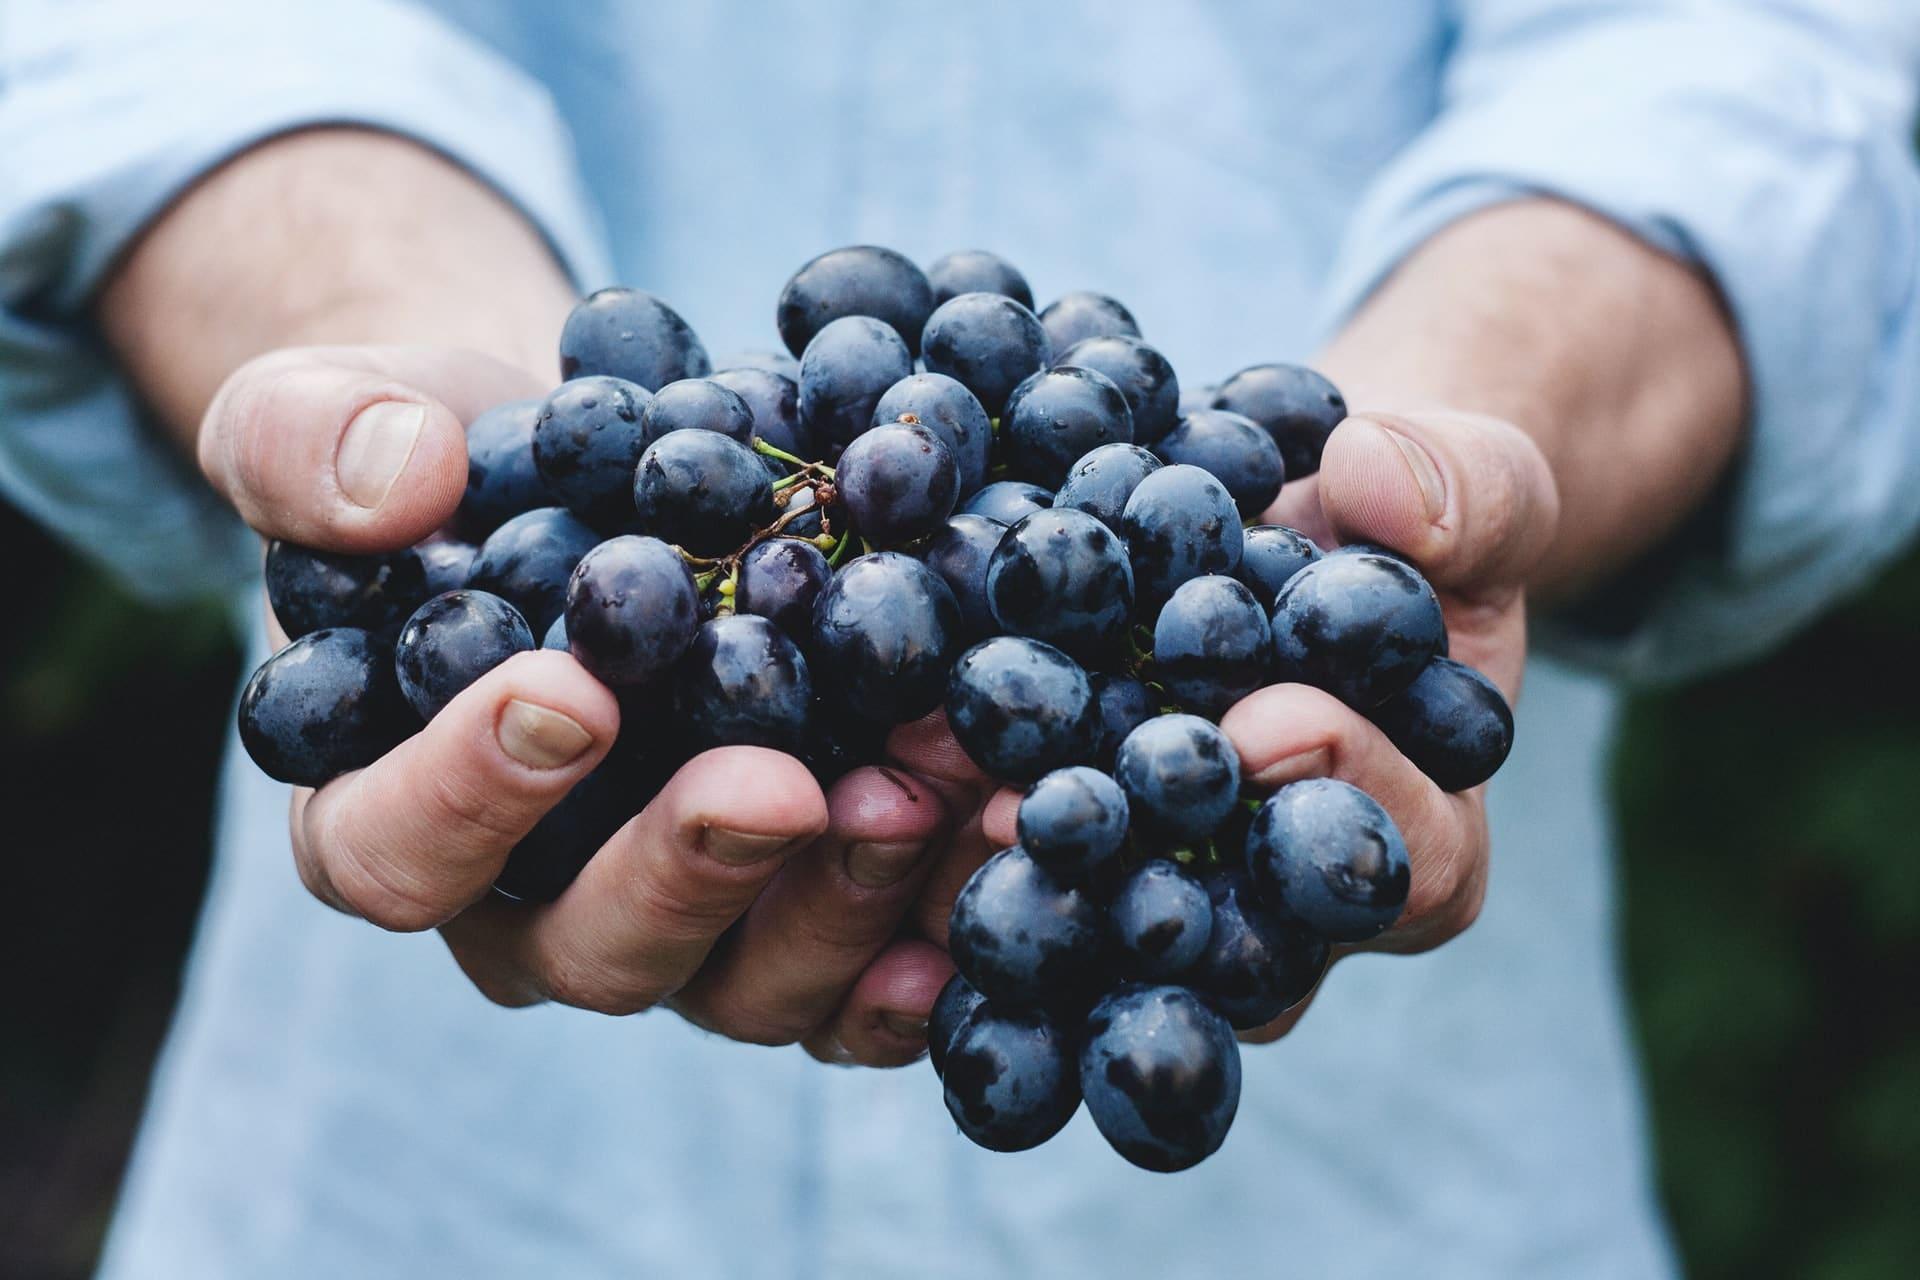 Grapes as a vine fruit